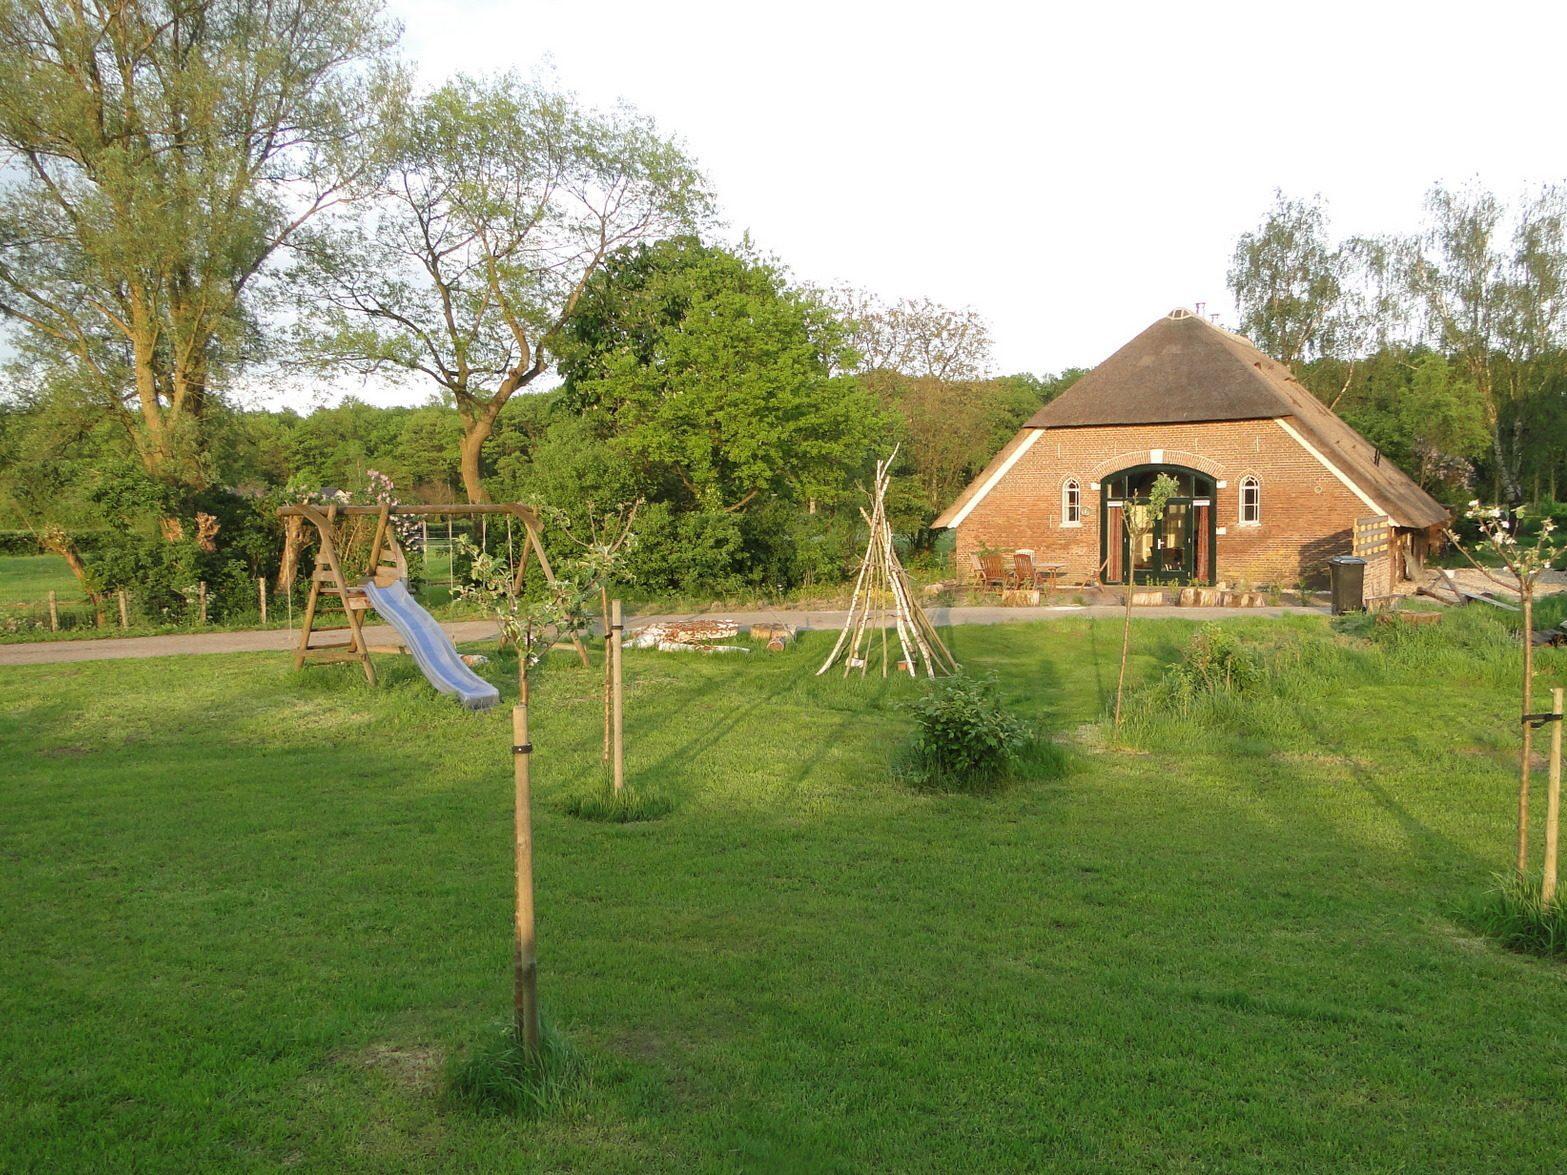 Boerderij de IJsselhoeve in Overijssel, vakantiehuis voor gezinnen